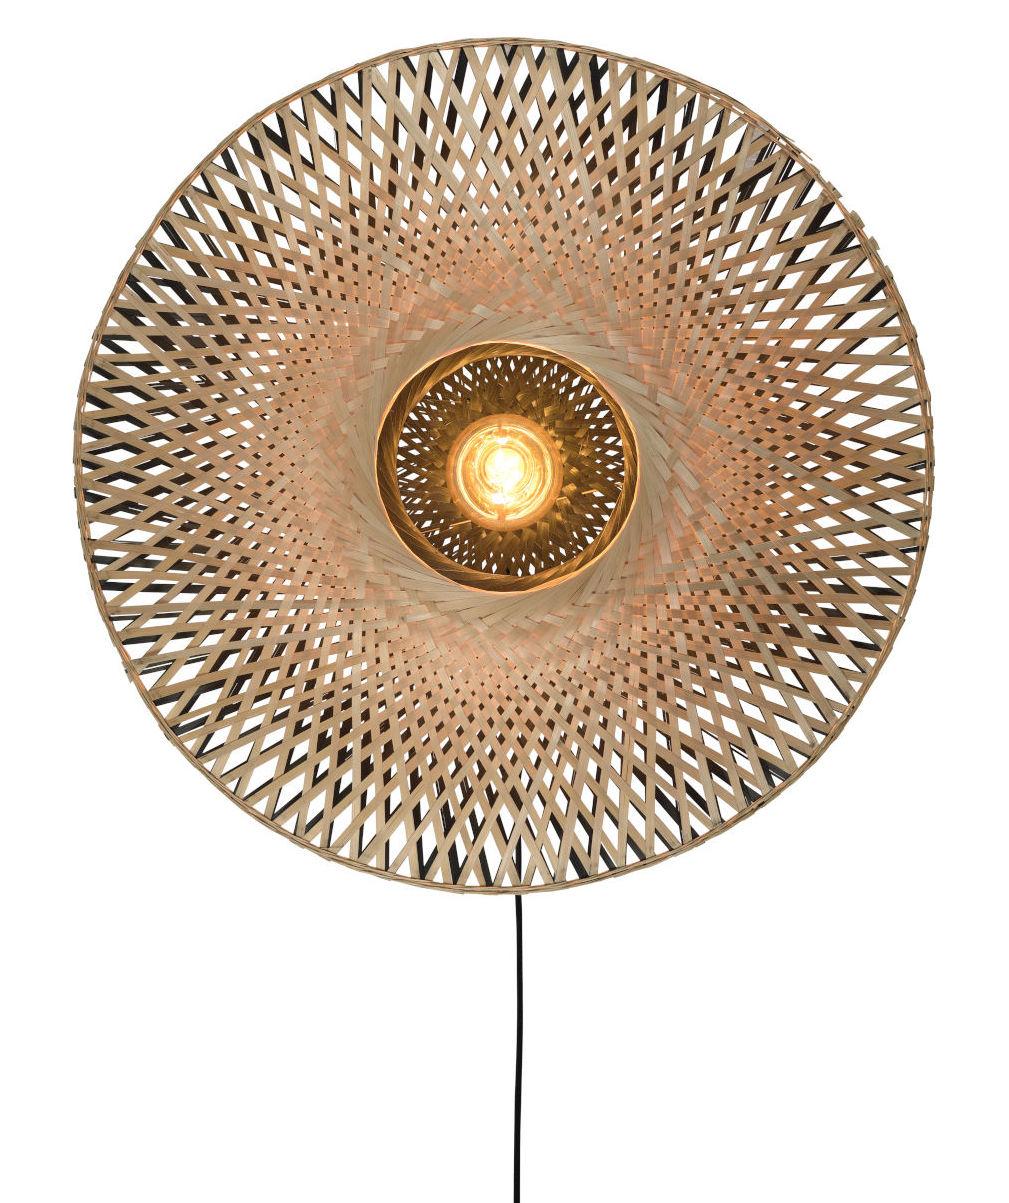 Illuminazione - Lampade da parete - Applique con presa Kalimantan - / Bambù - Ø 87 cm di GOOD&MOJO - Ø 87 cm / Nero & naturale - Bambù